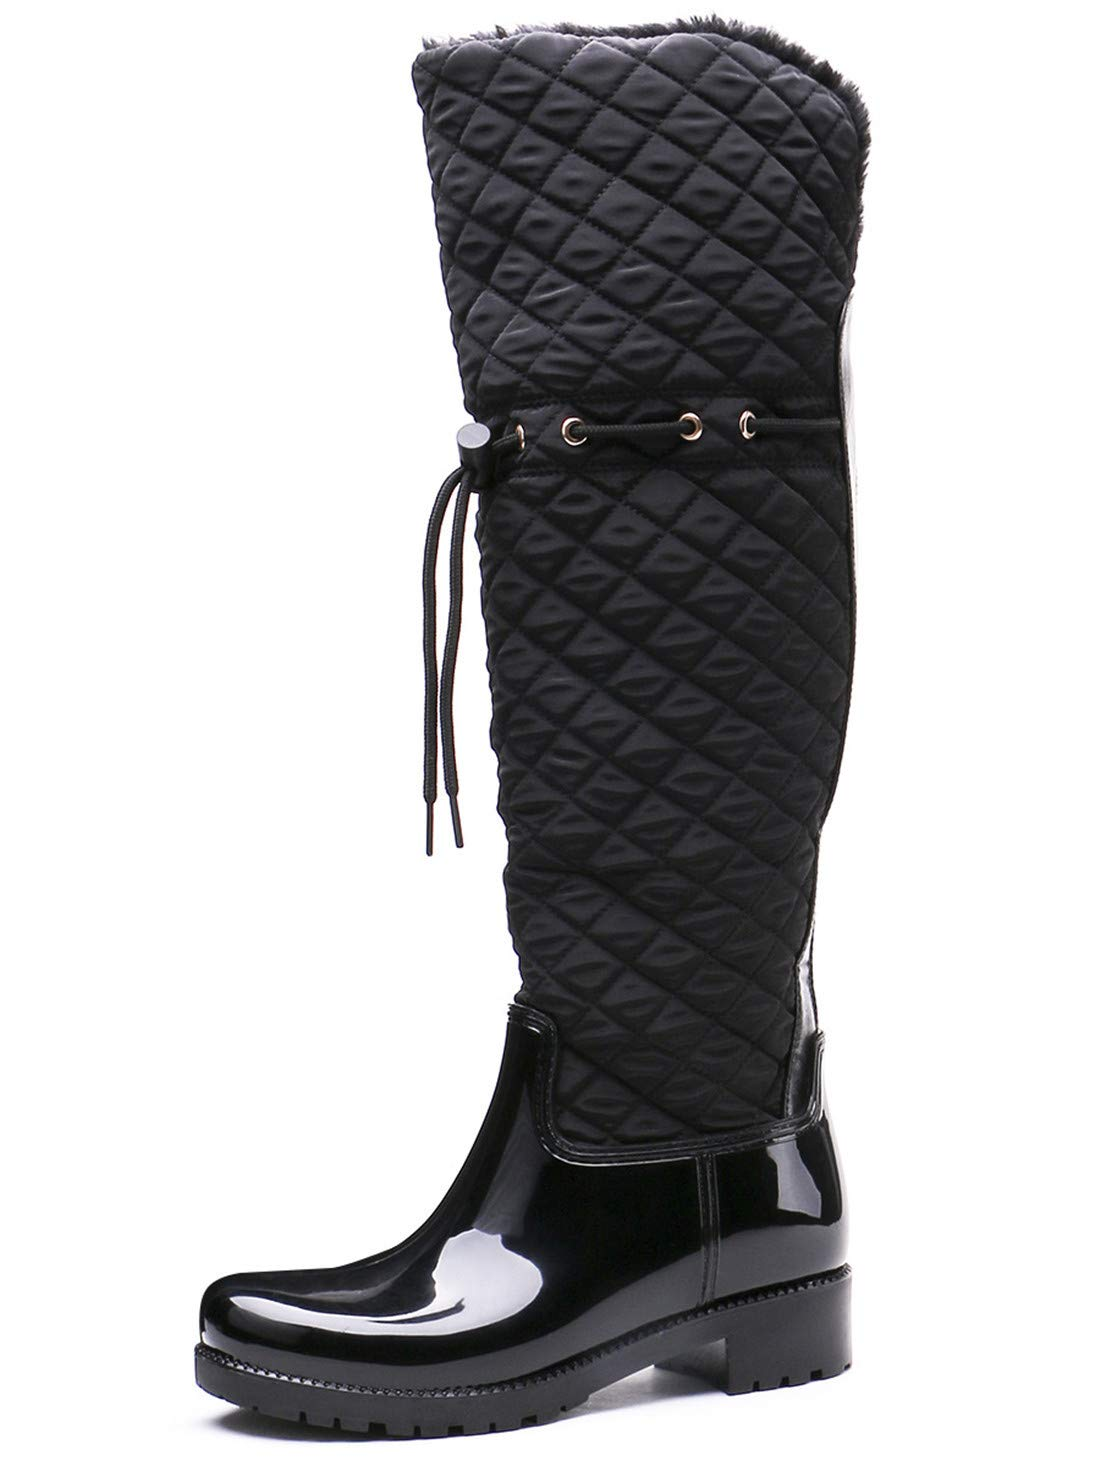 GGG-GCH GHH Wasserdichte hohe Schlauchhöhe des Schneestiefels, zum der Stiefel der Frauen zu helfen